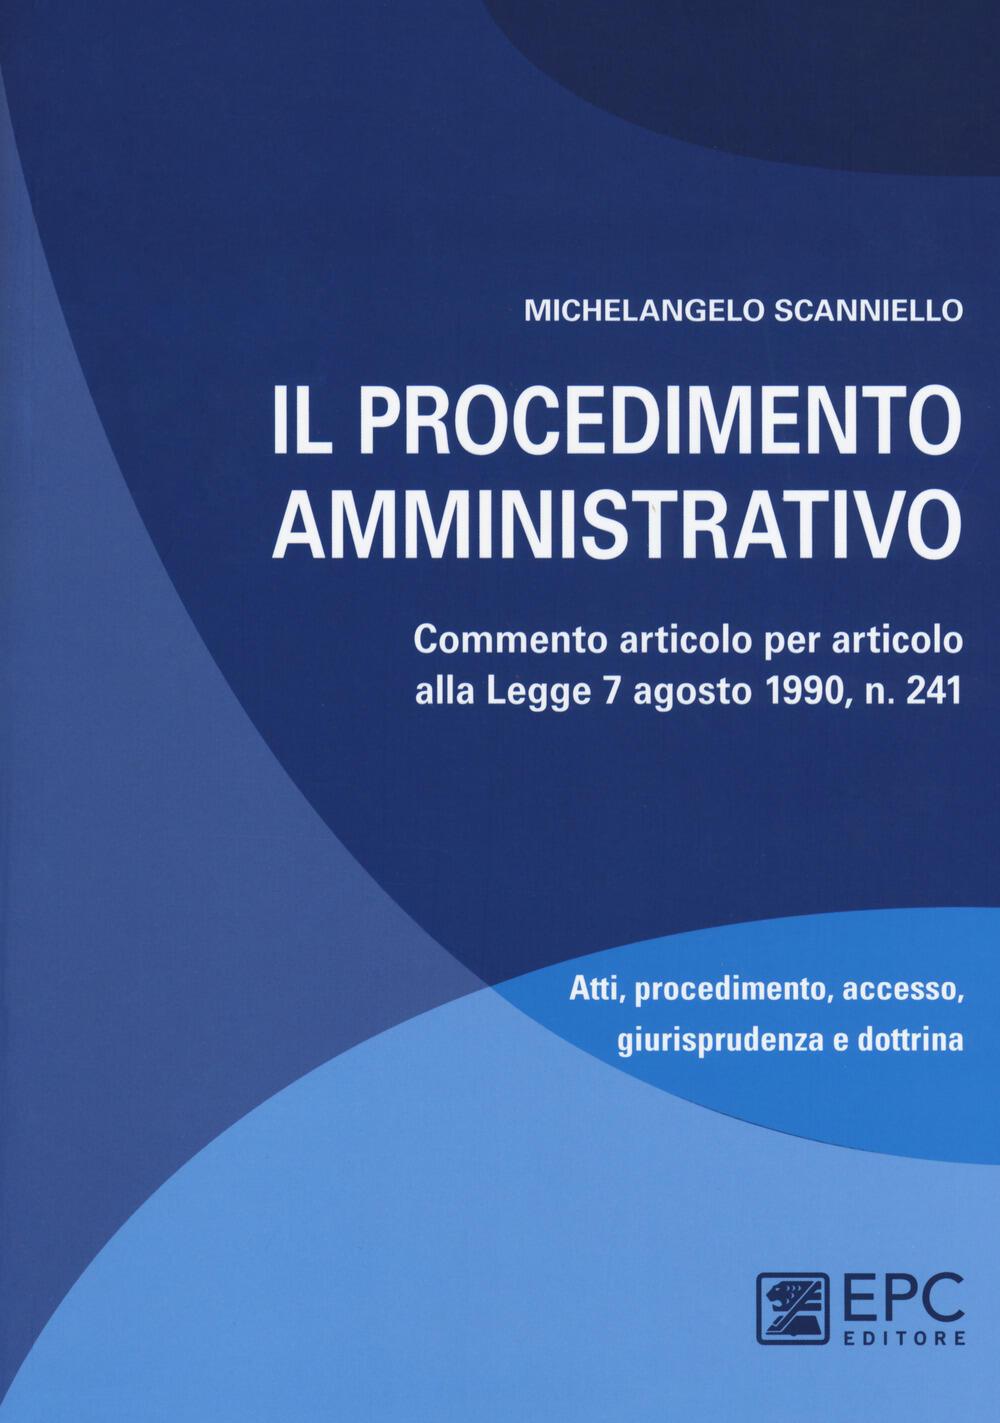 scanniello michelangelo biography